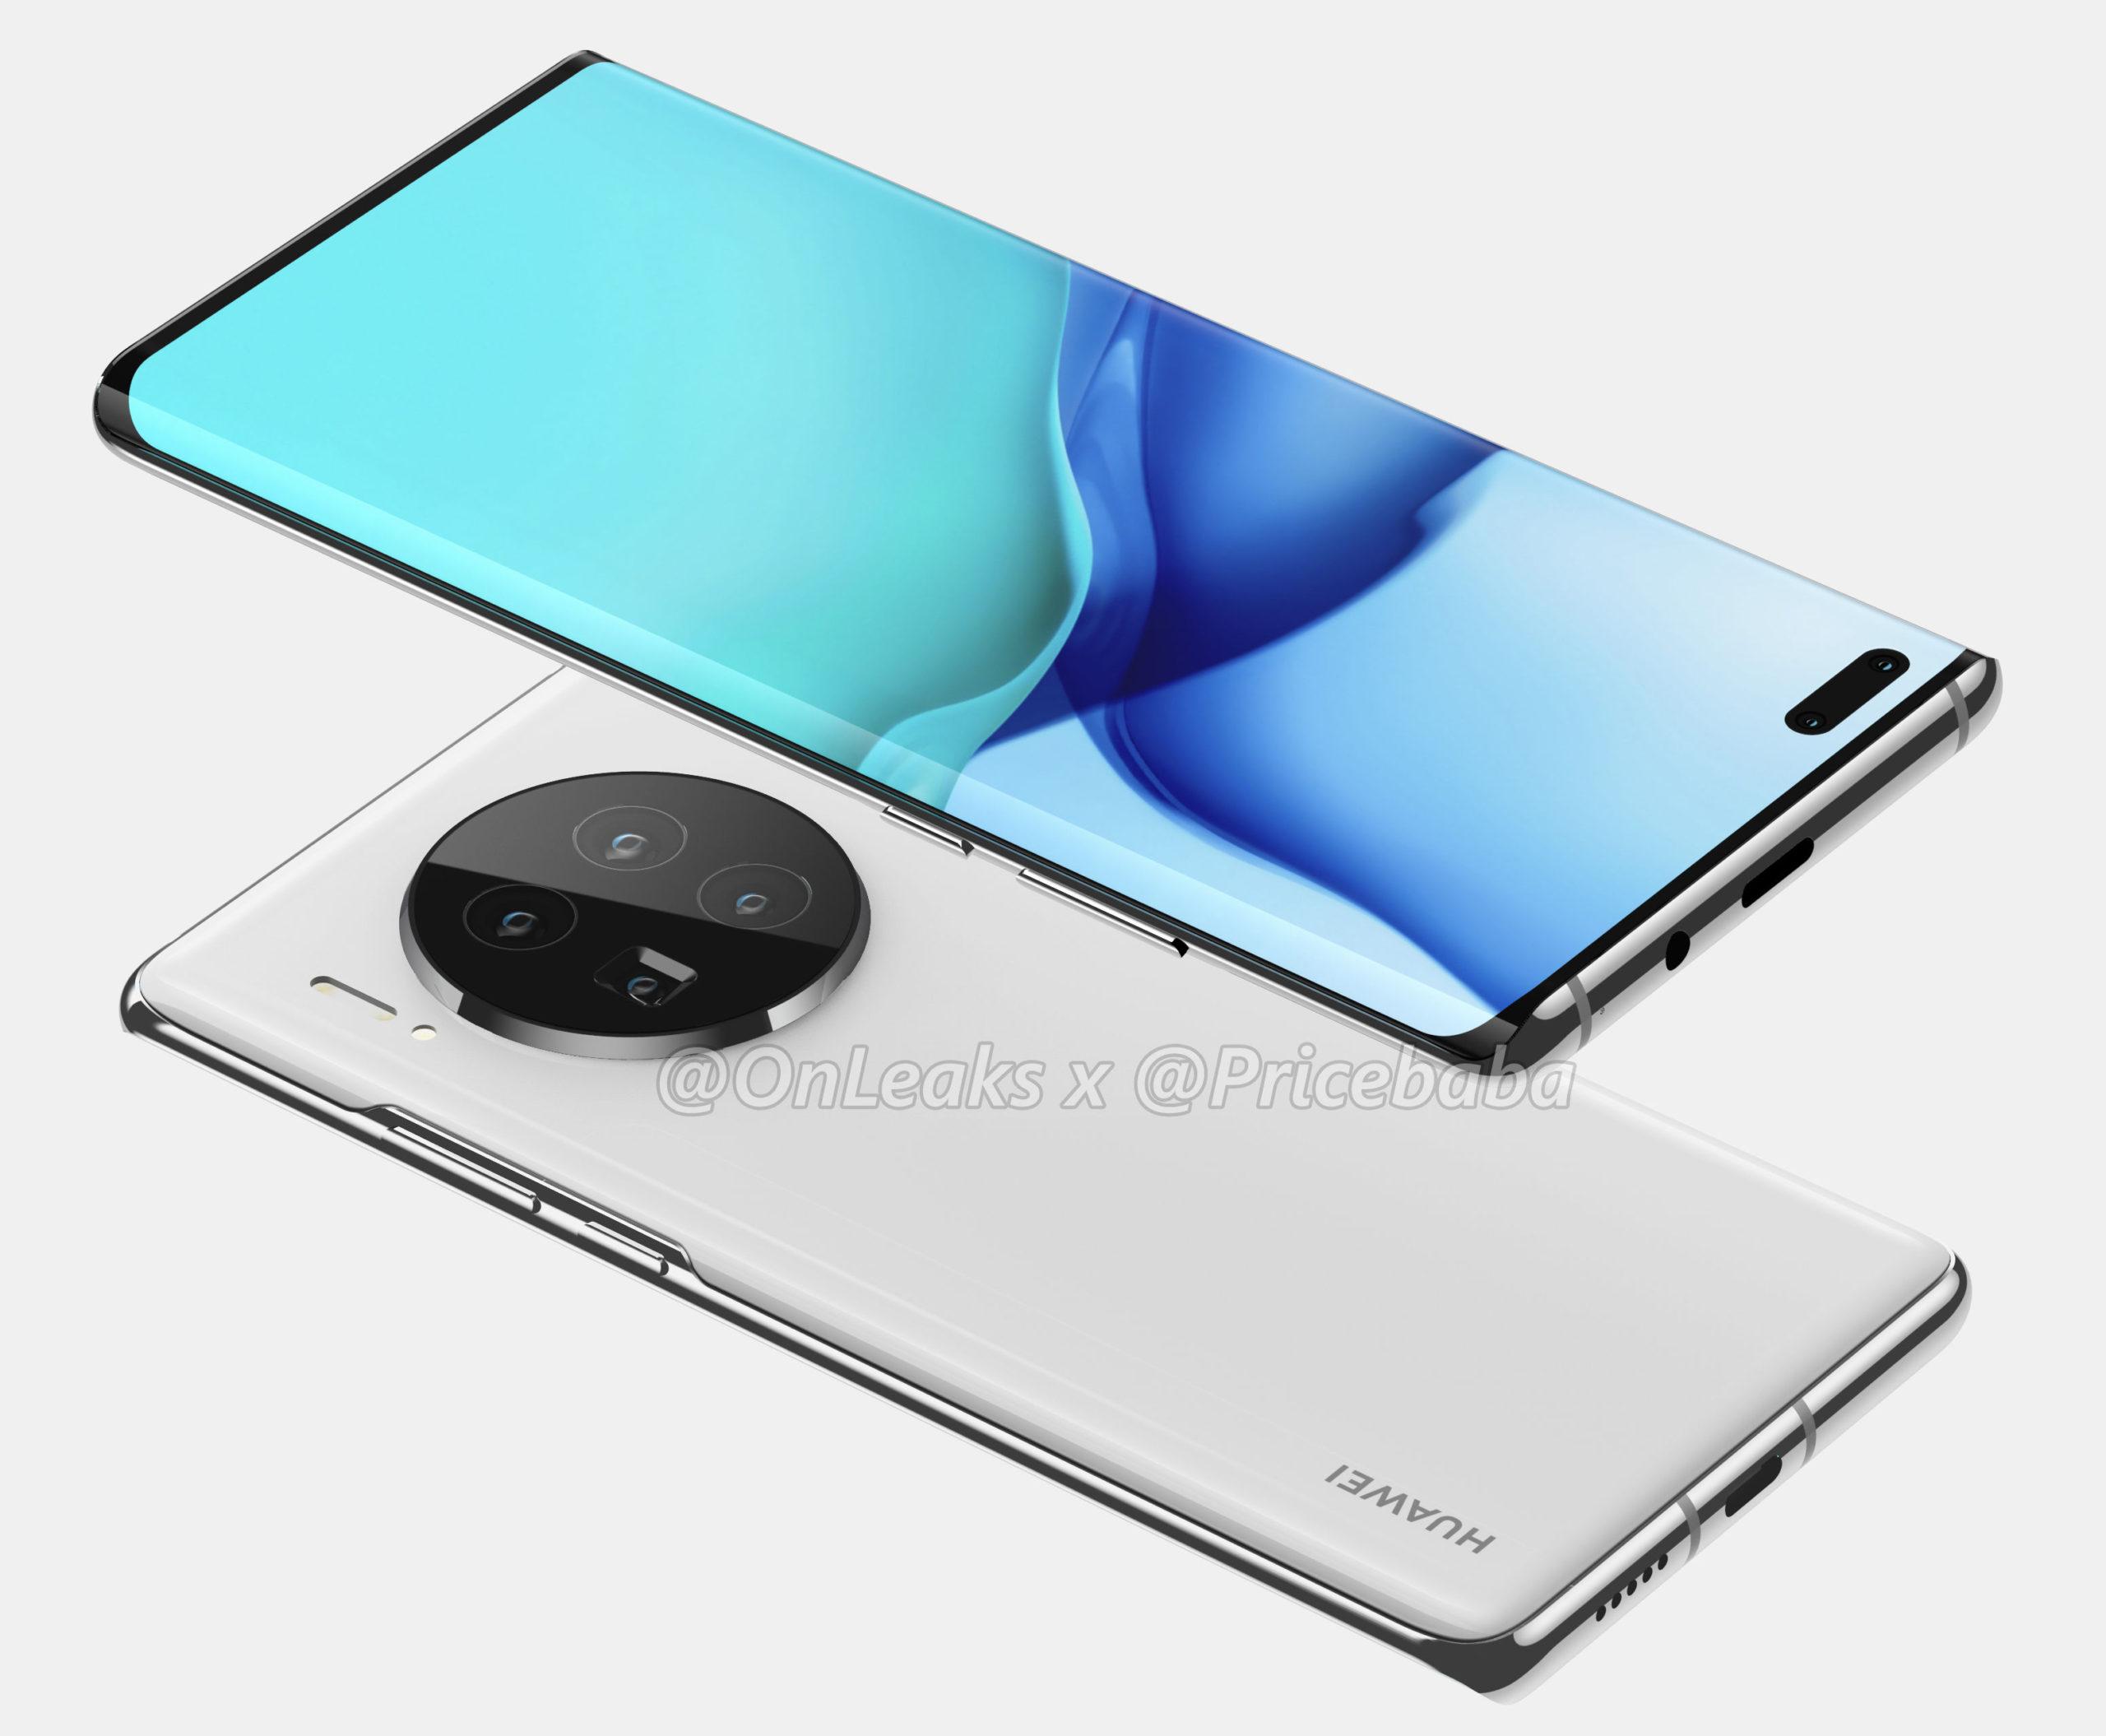 Huawei u Mate 40 očekává 30% pokles